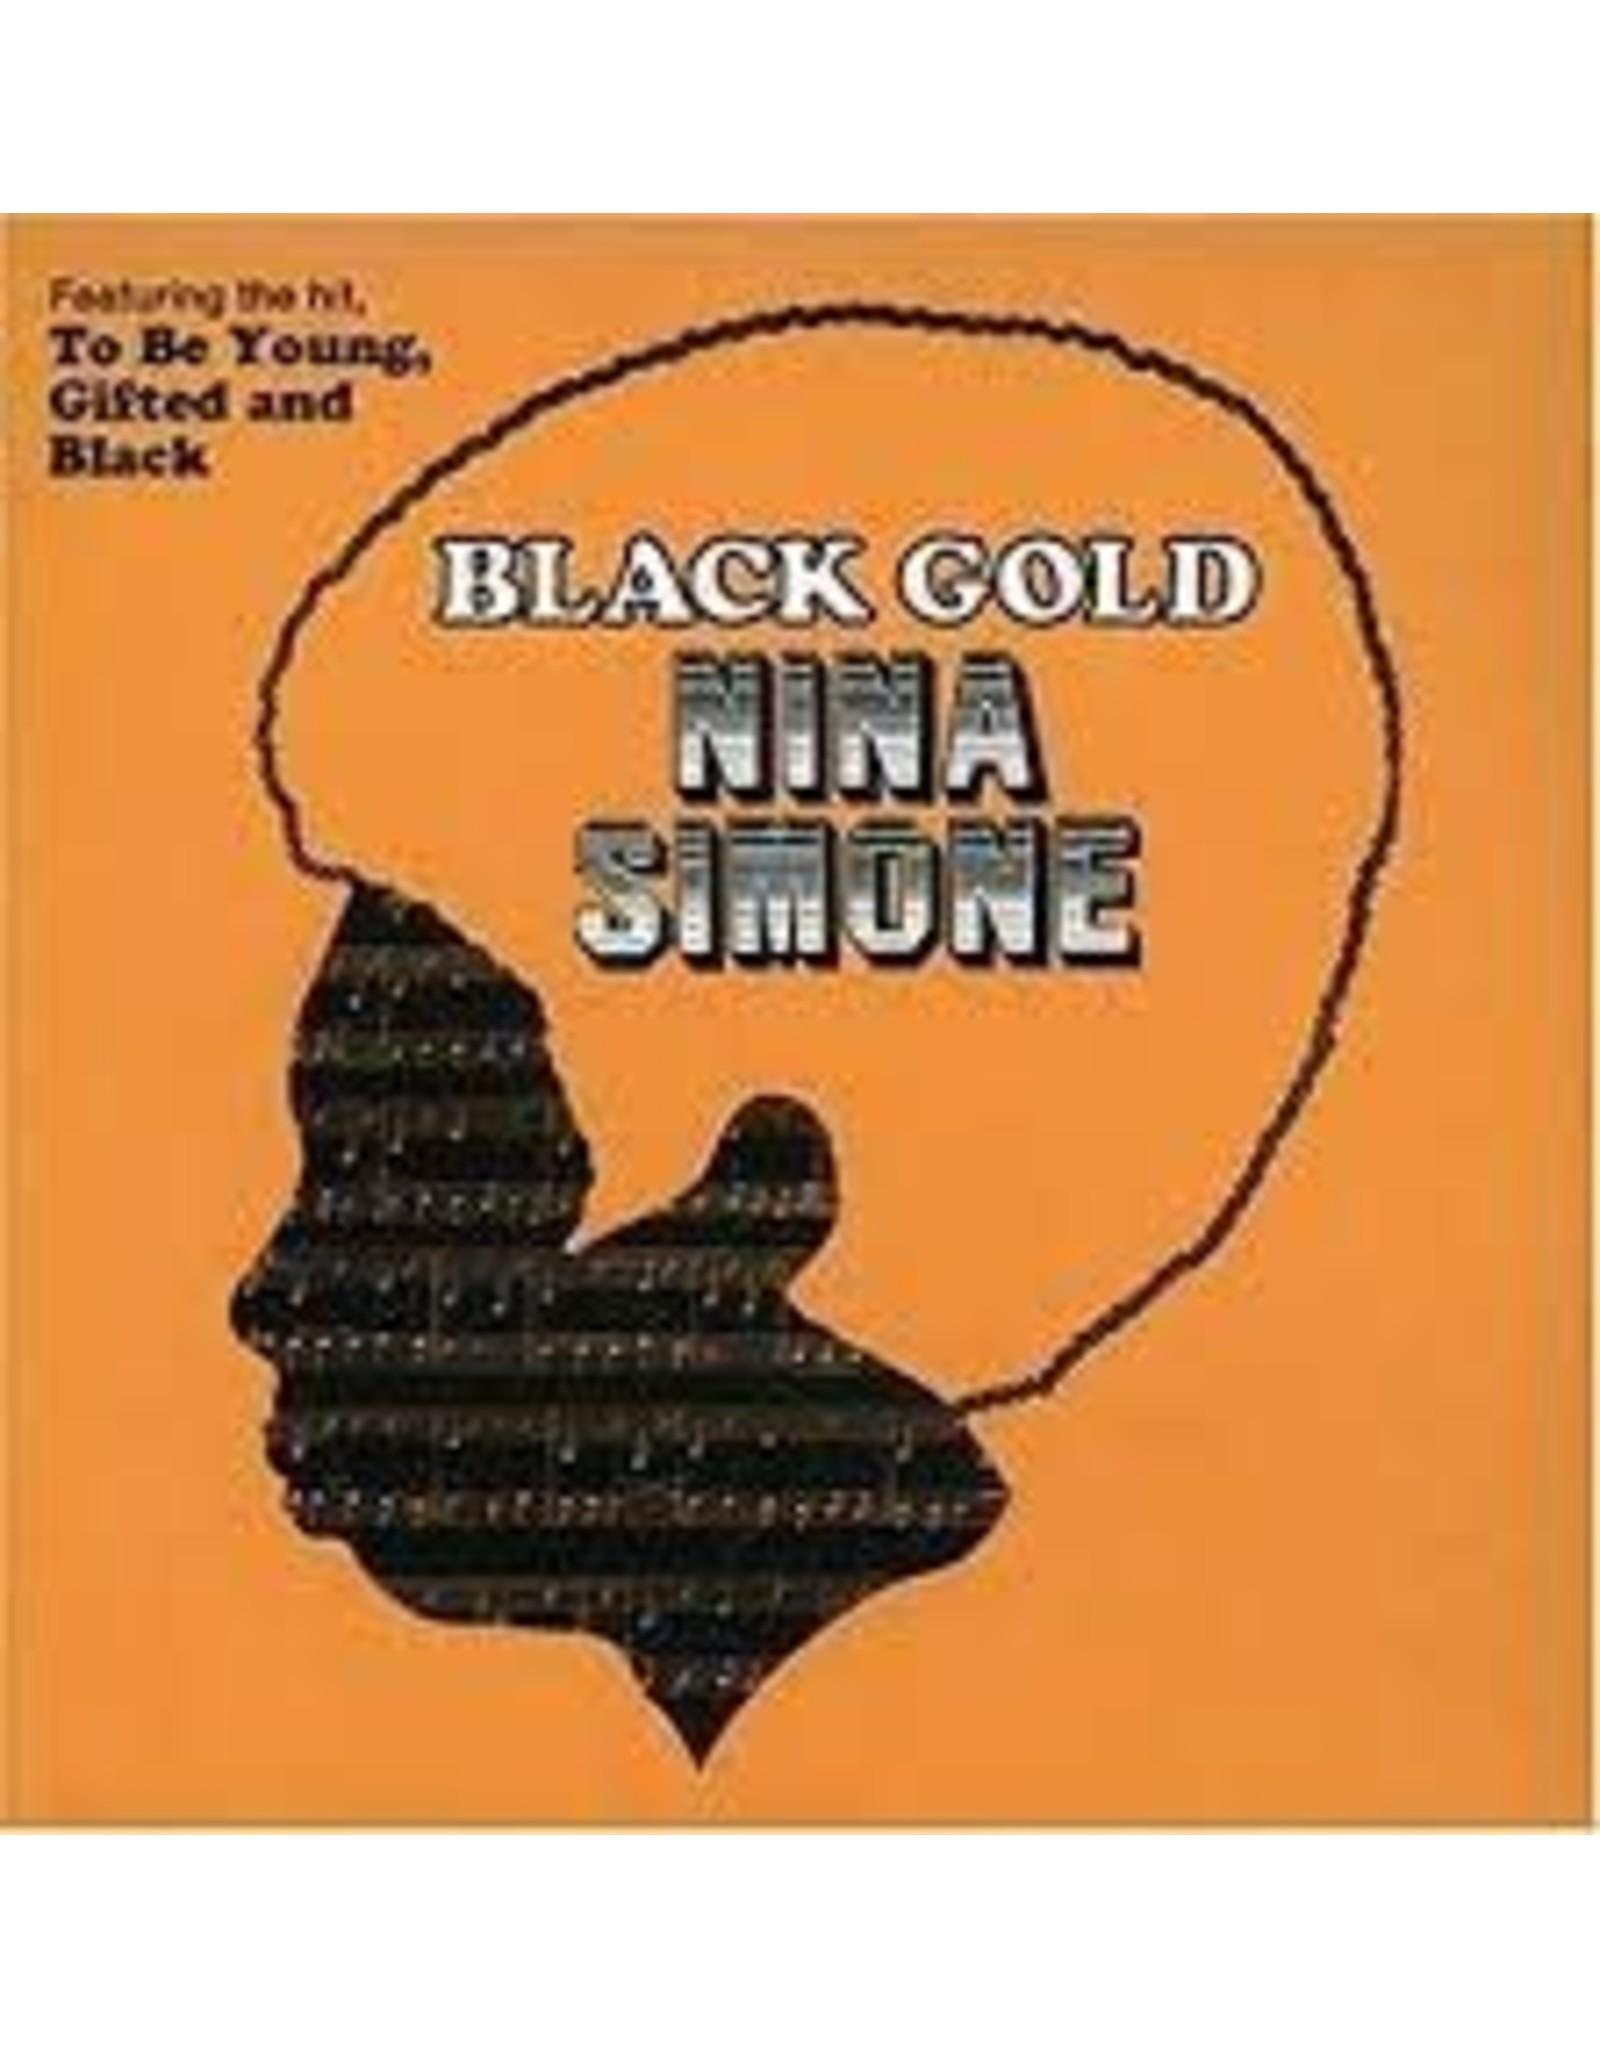 Simone, Nina - Black Gold LP